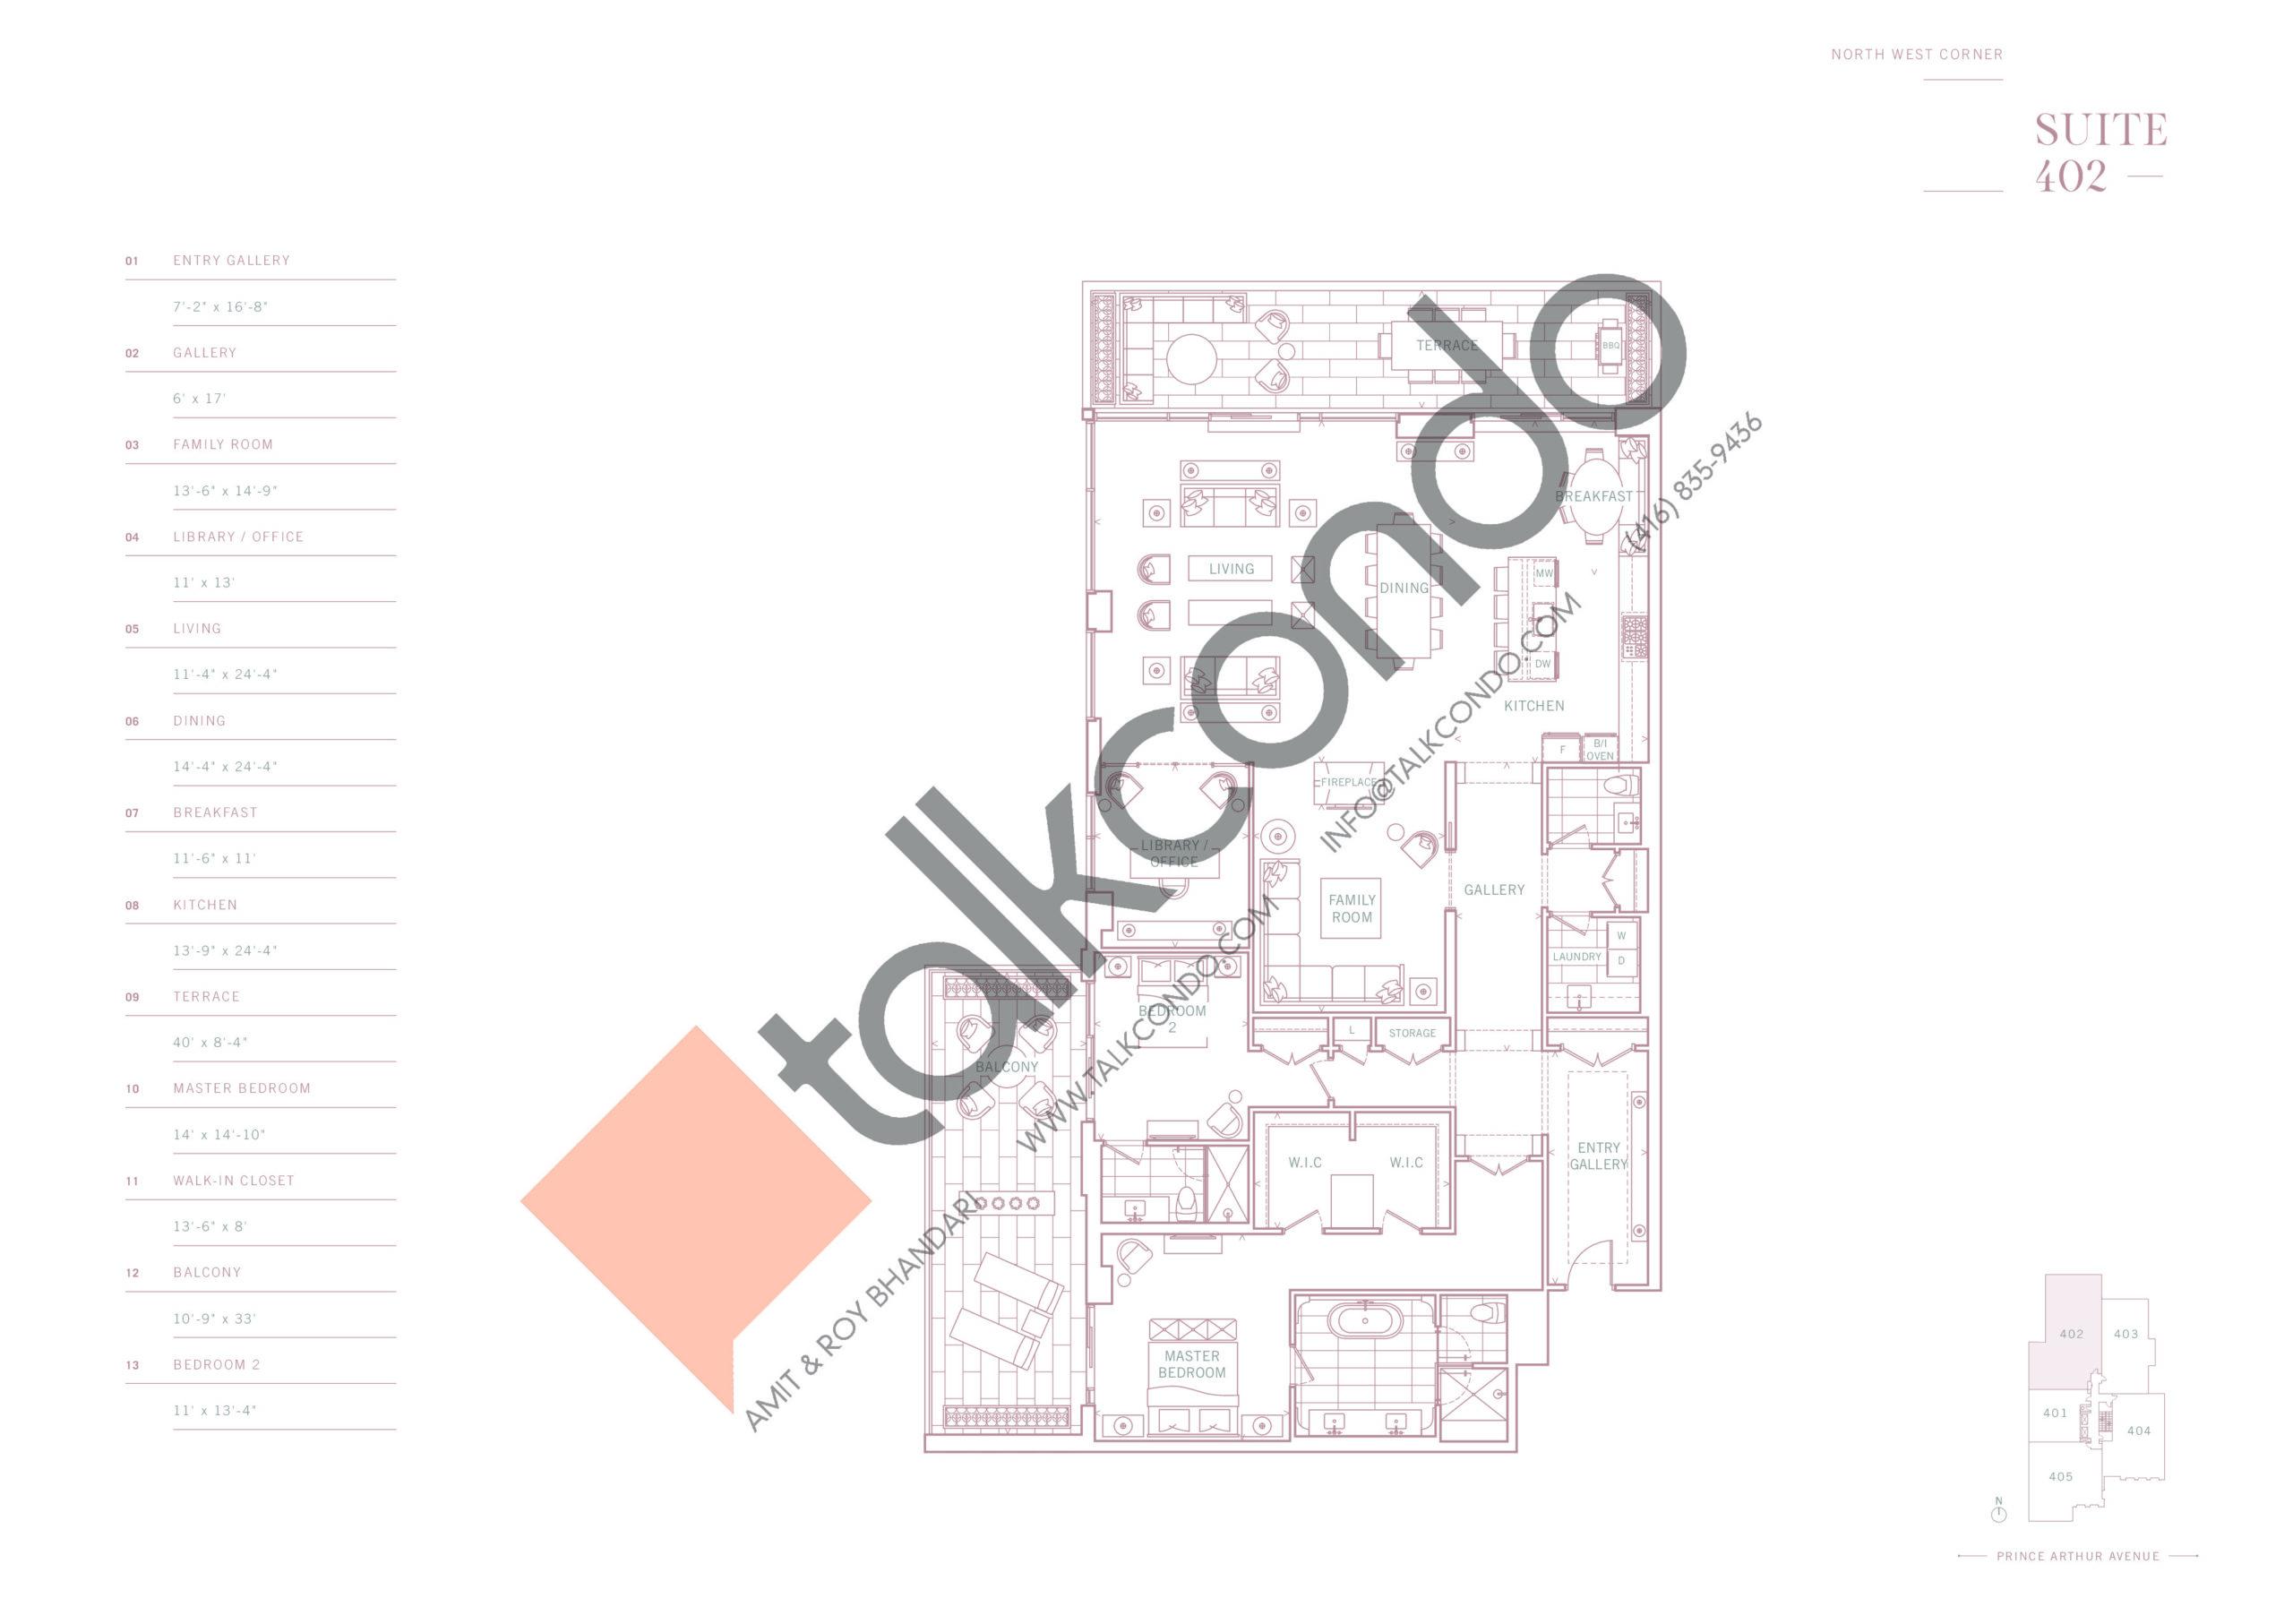 Suite 402 Floor Plan at 10 Prince Arthur Condos - 2942 sq.ft